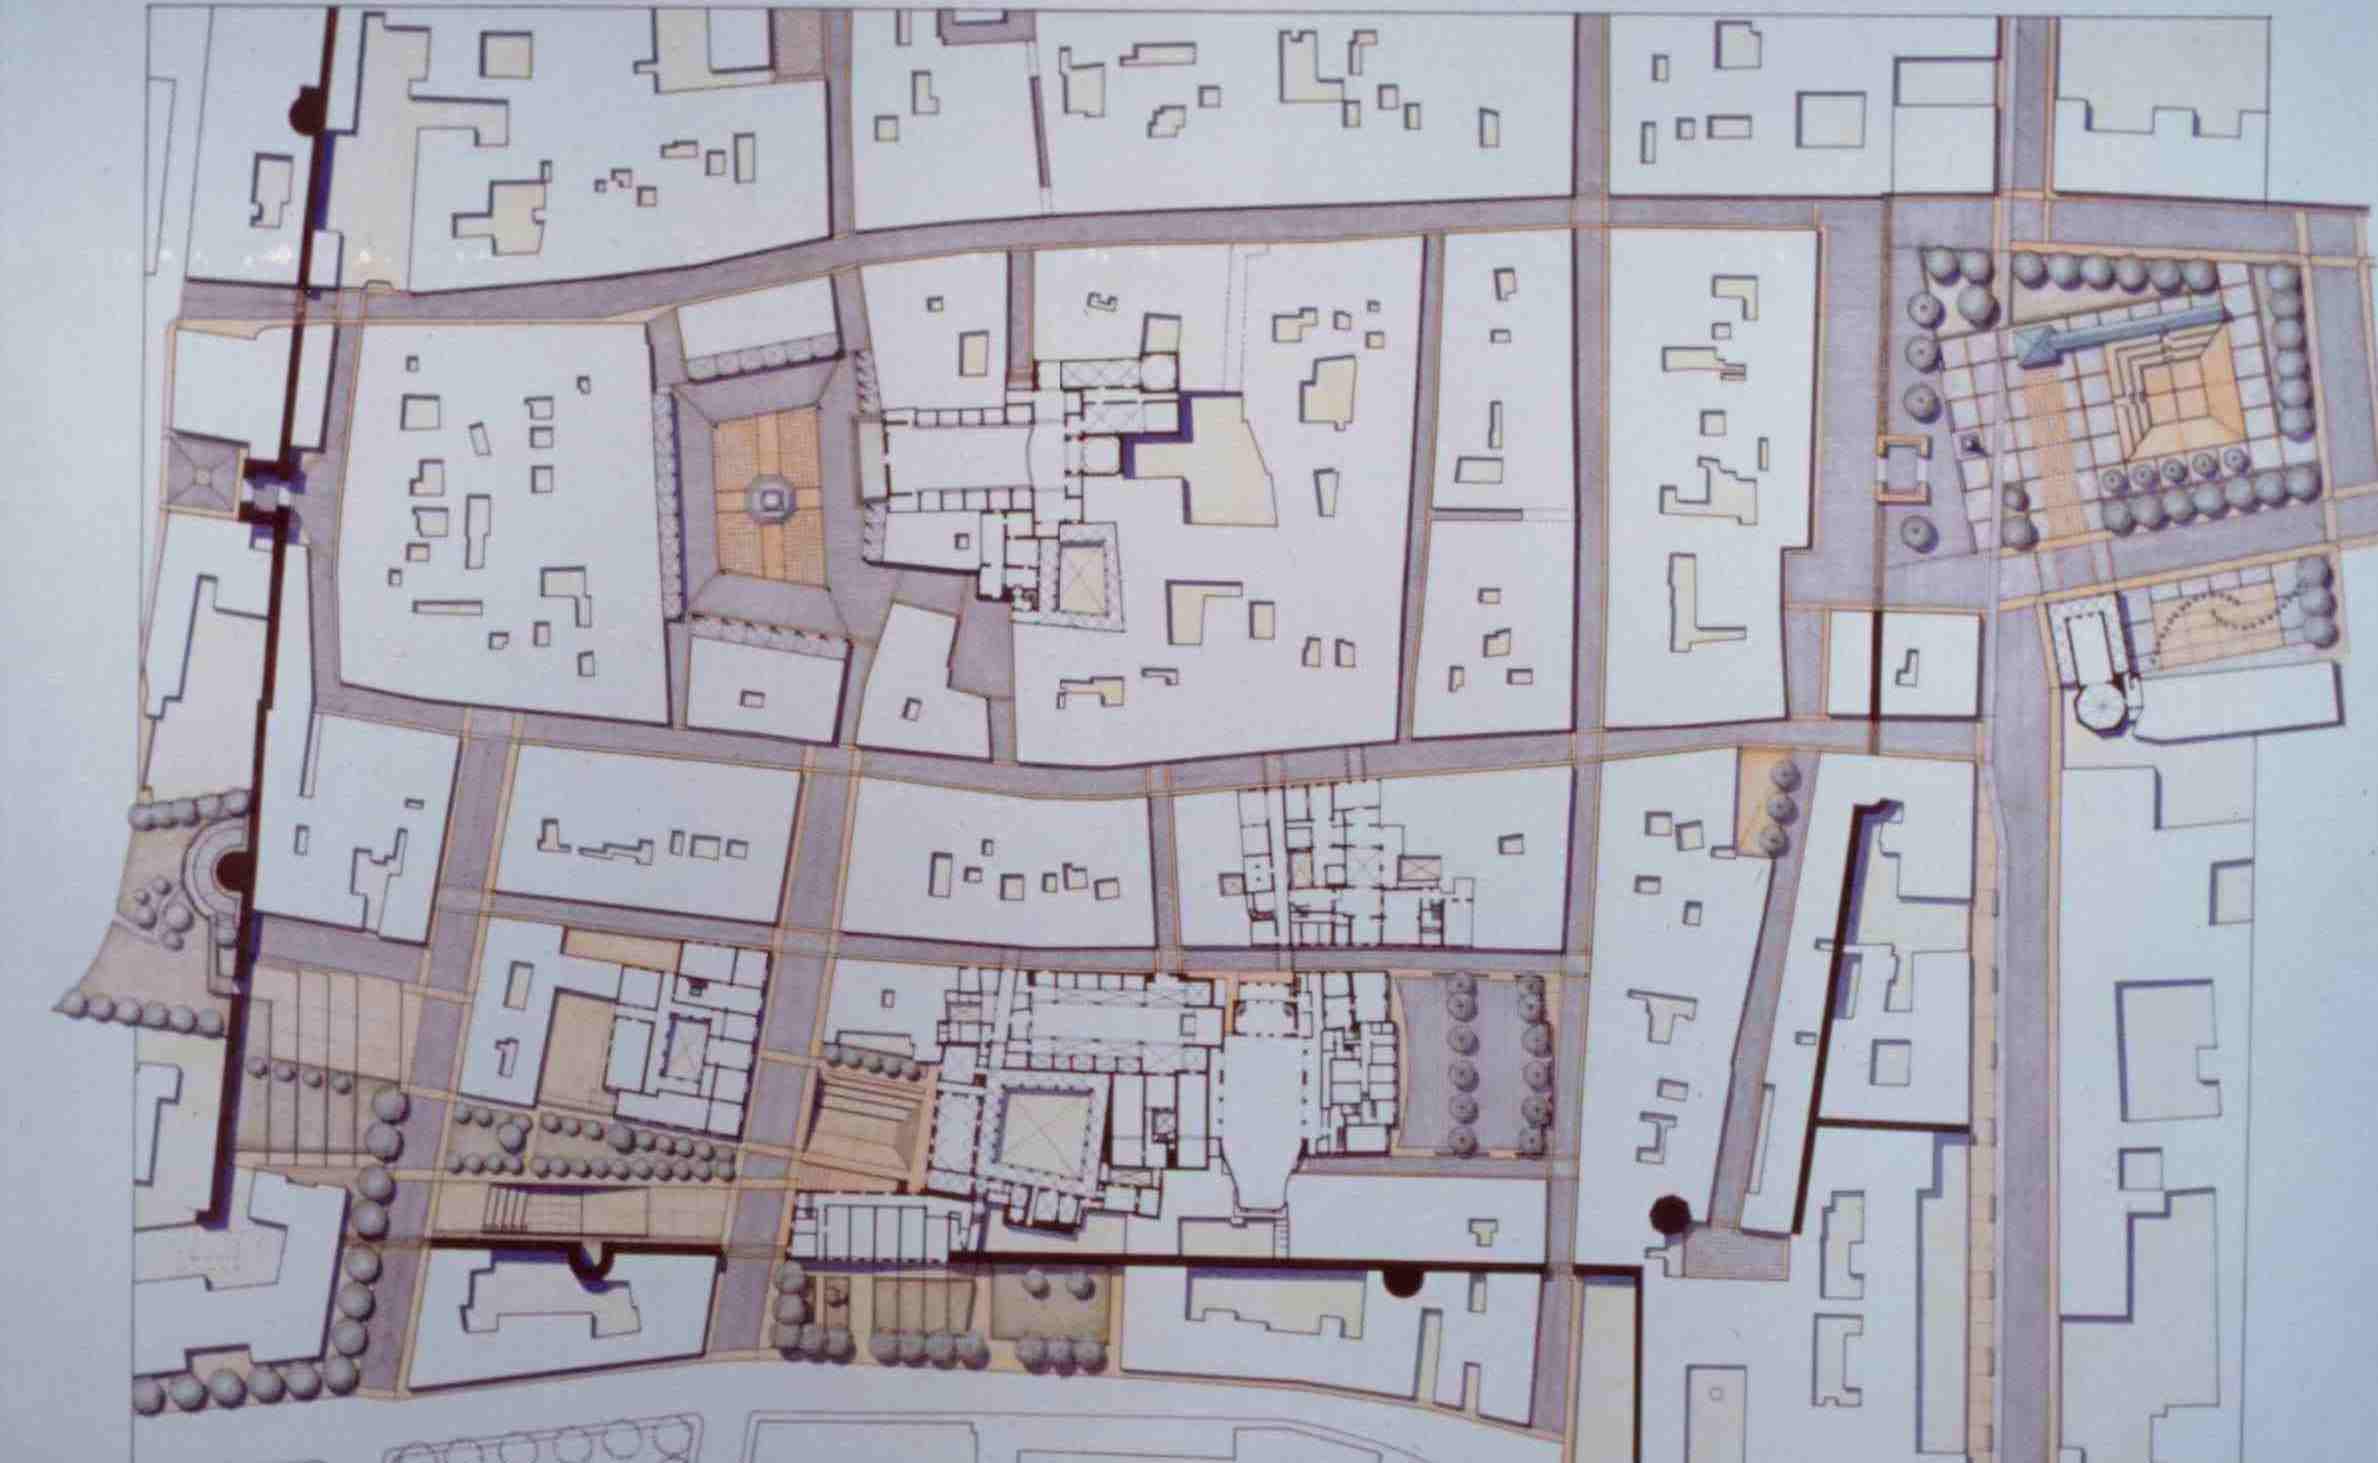 Progetto Di Arredo Urbano.Zeno Pucci Architects Concorso Di Arredo Urbano Relativo